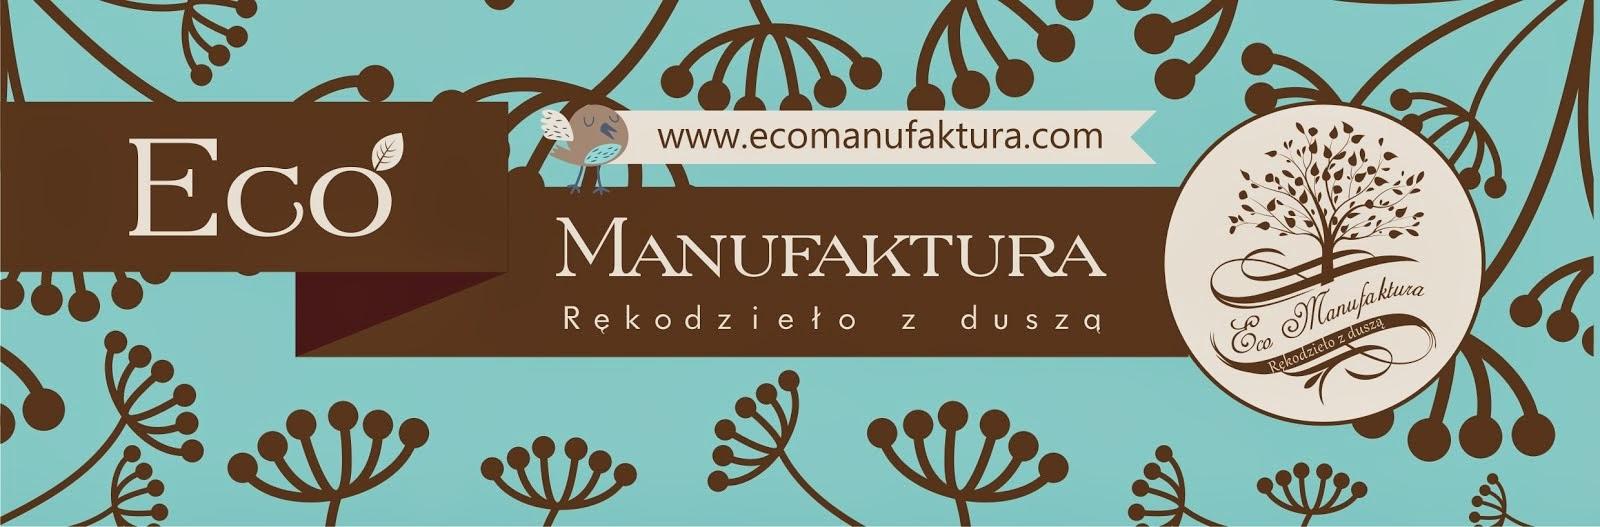 ECO MANUFAKTURA Pracownia Decoupage